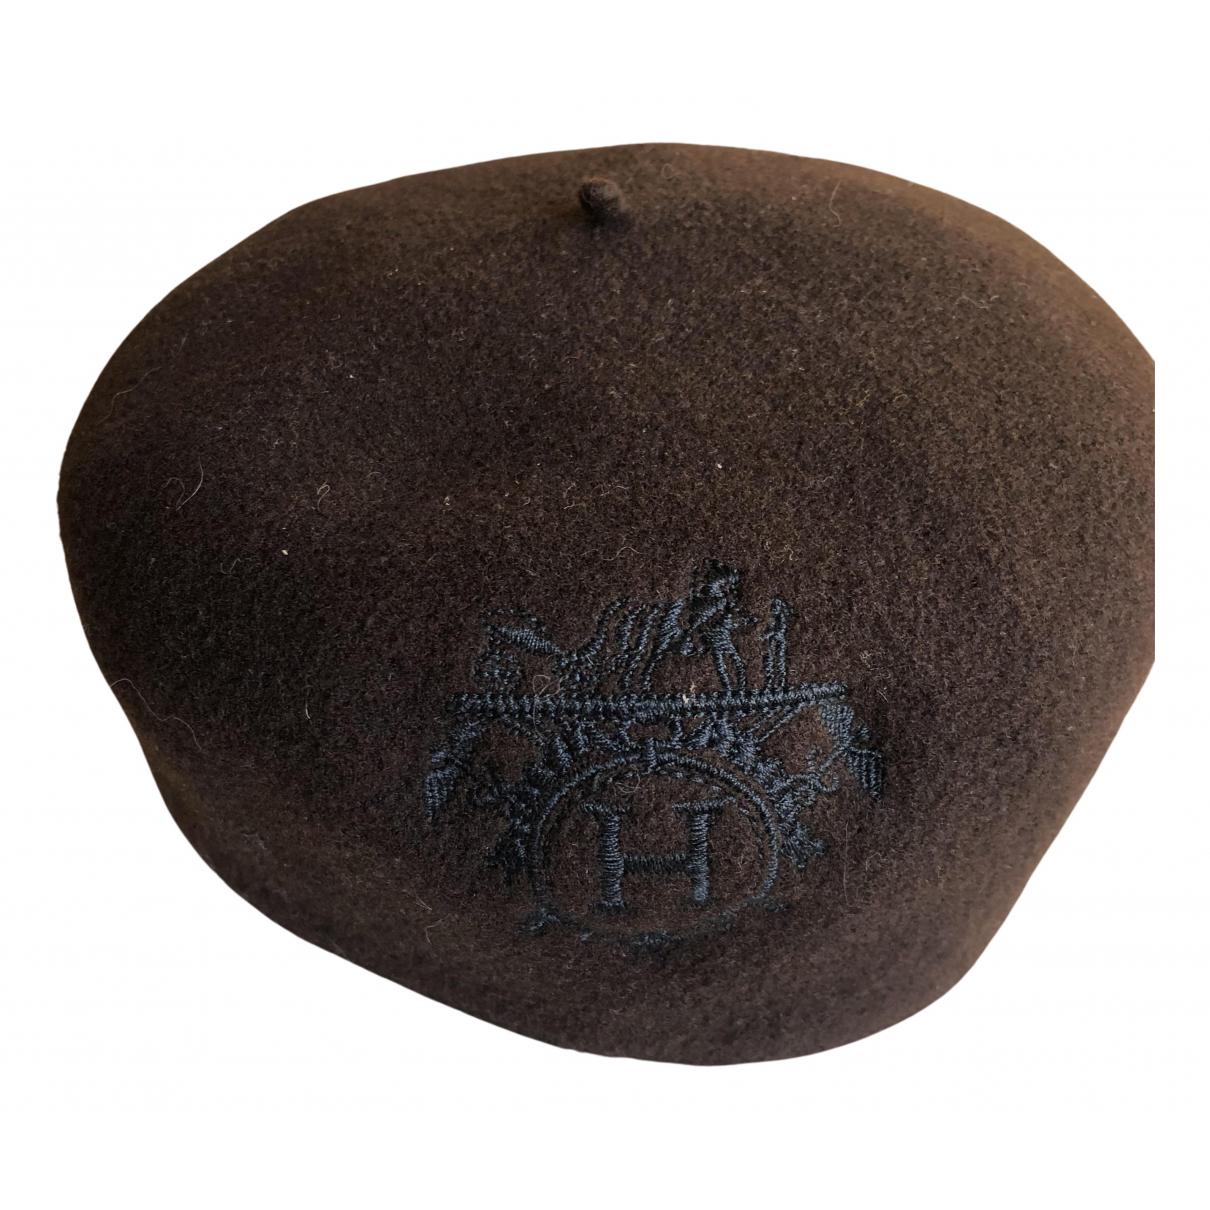 Hermès N Brown Wool hat for Women 56 cm